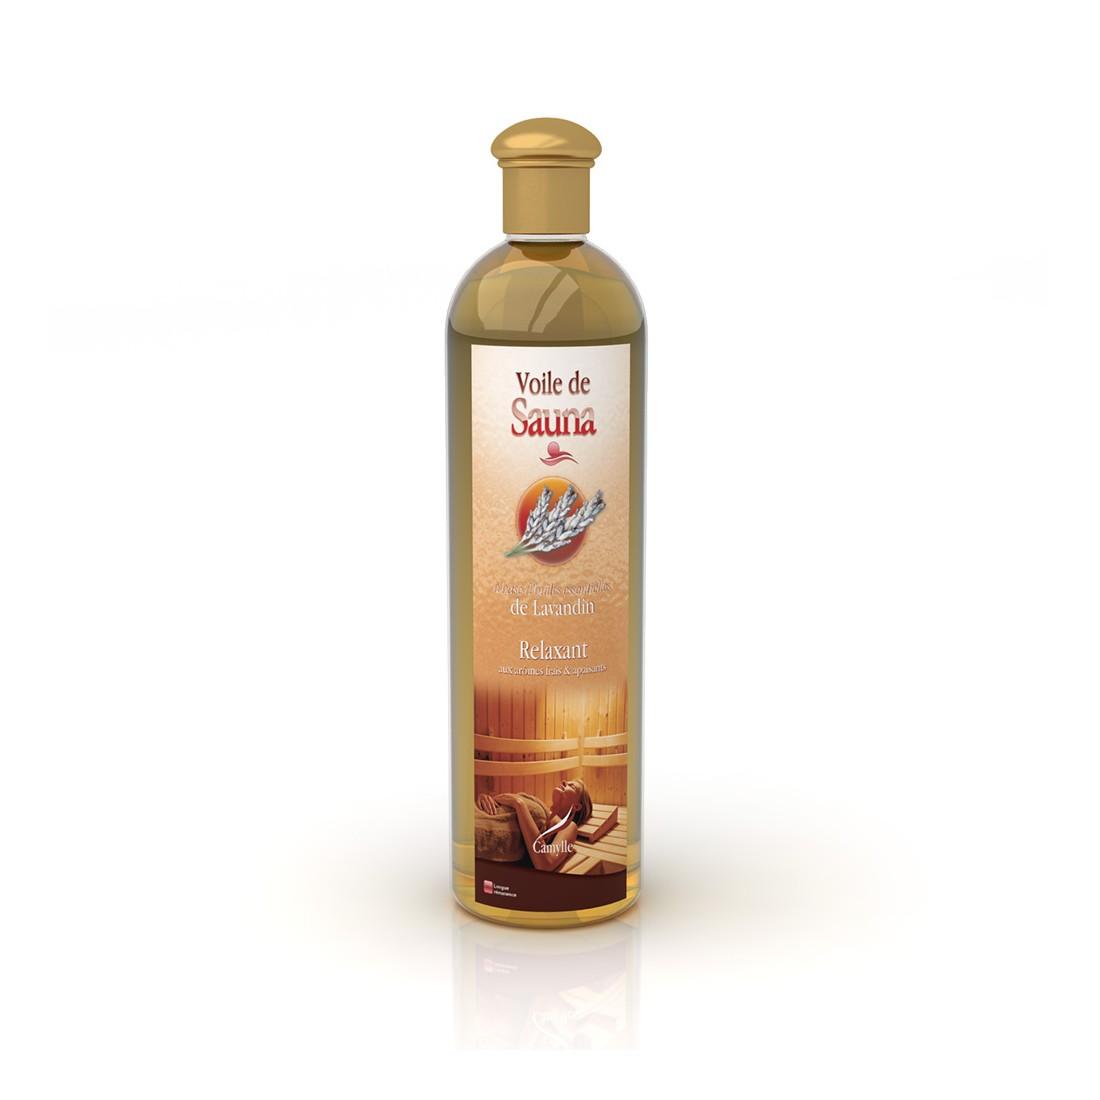 Voile de sauna lavandin - Sauna huile essentielle ...